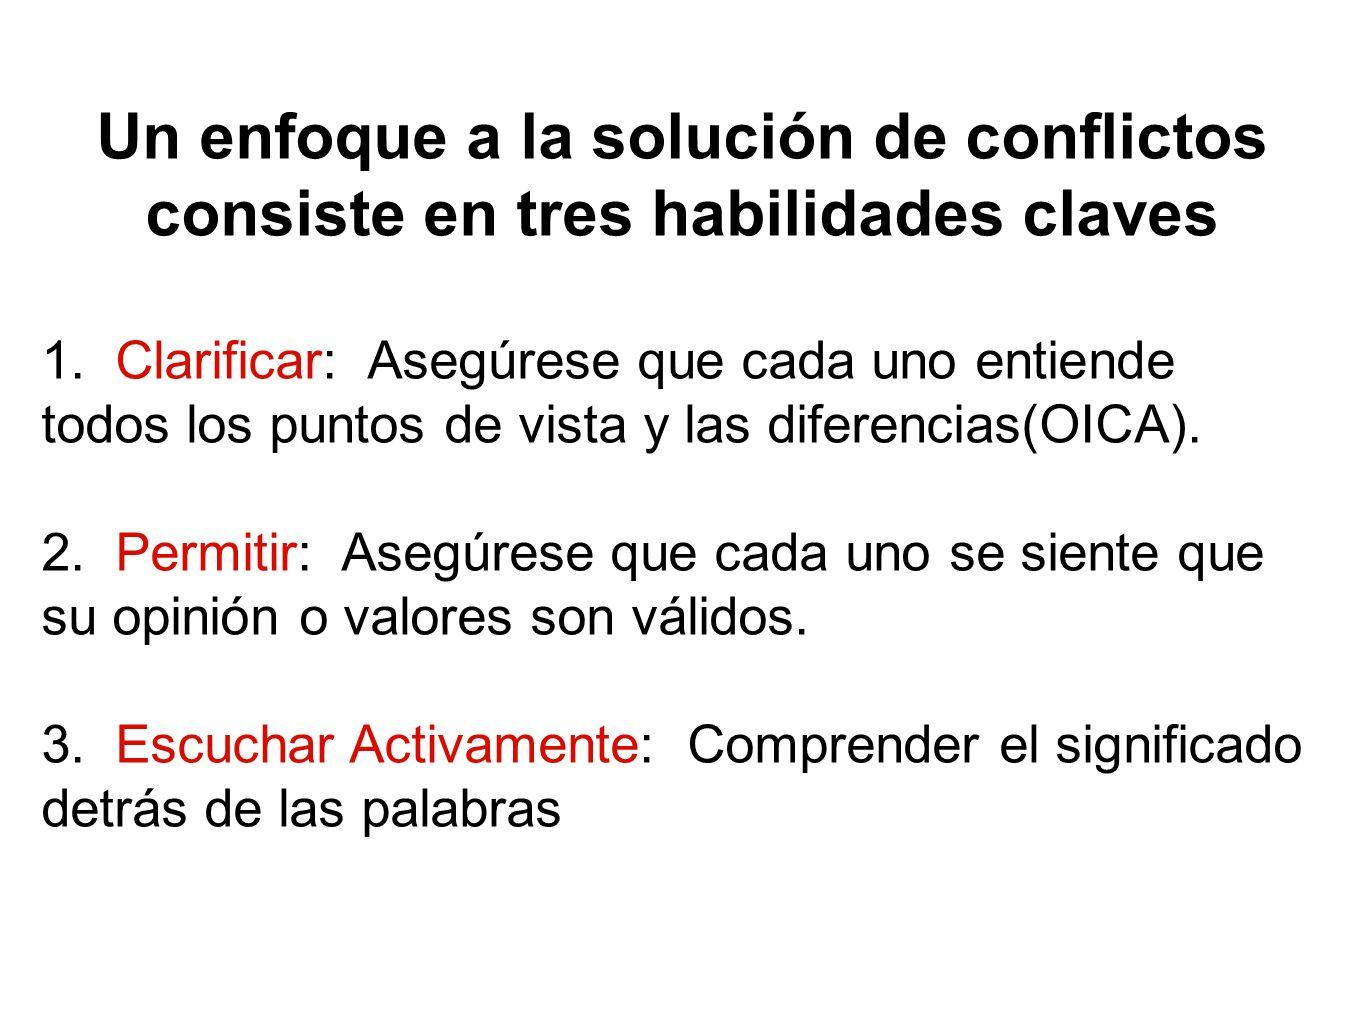 Un enfoque a la solución de conflictos consiste en tres habilidades claves